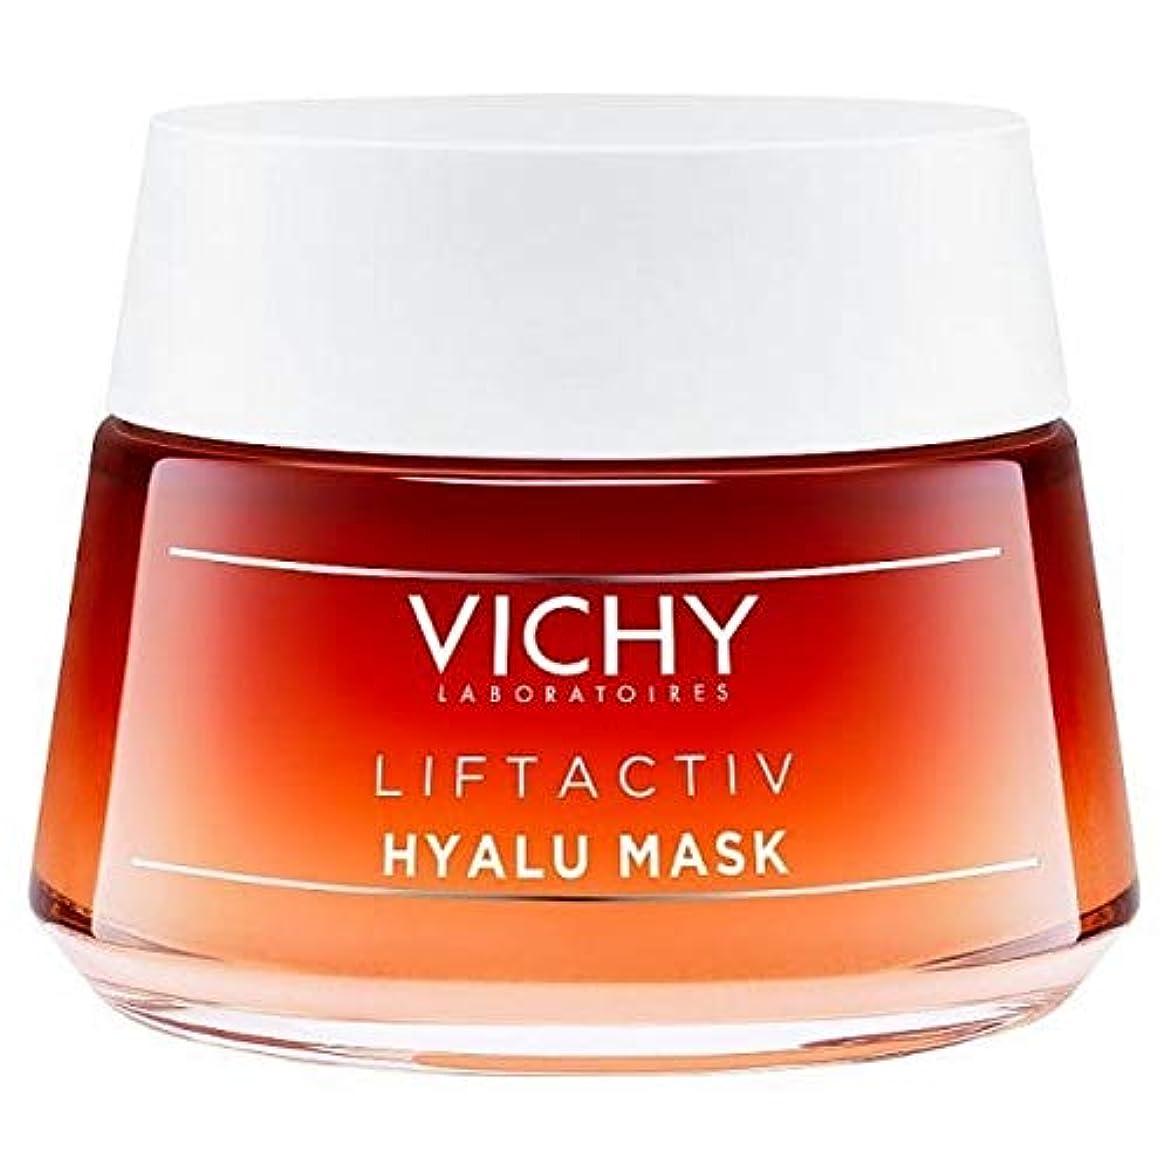 多様な倉庫神経衰弱[Vichy] ヴィシーLiftactiv Hyaluマスク50ミリリットル - Vichy LiftActiv Hyalu Mask 50ml [並行輸入品]